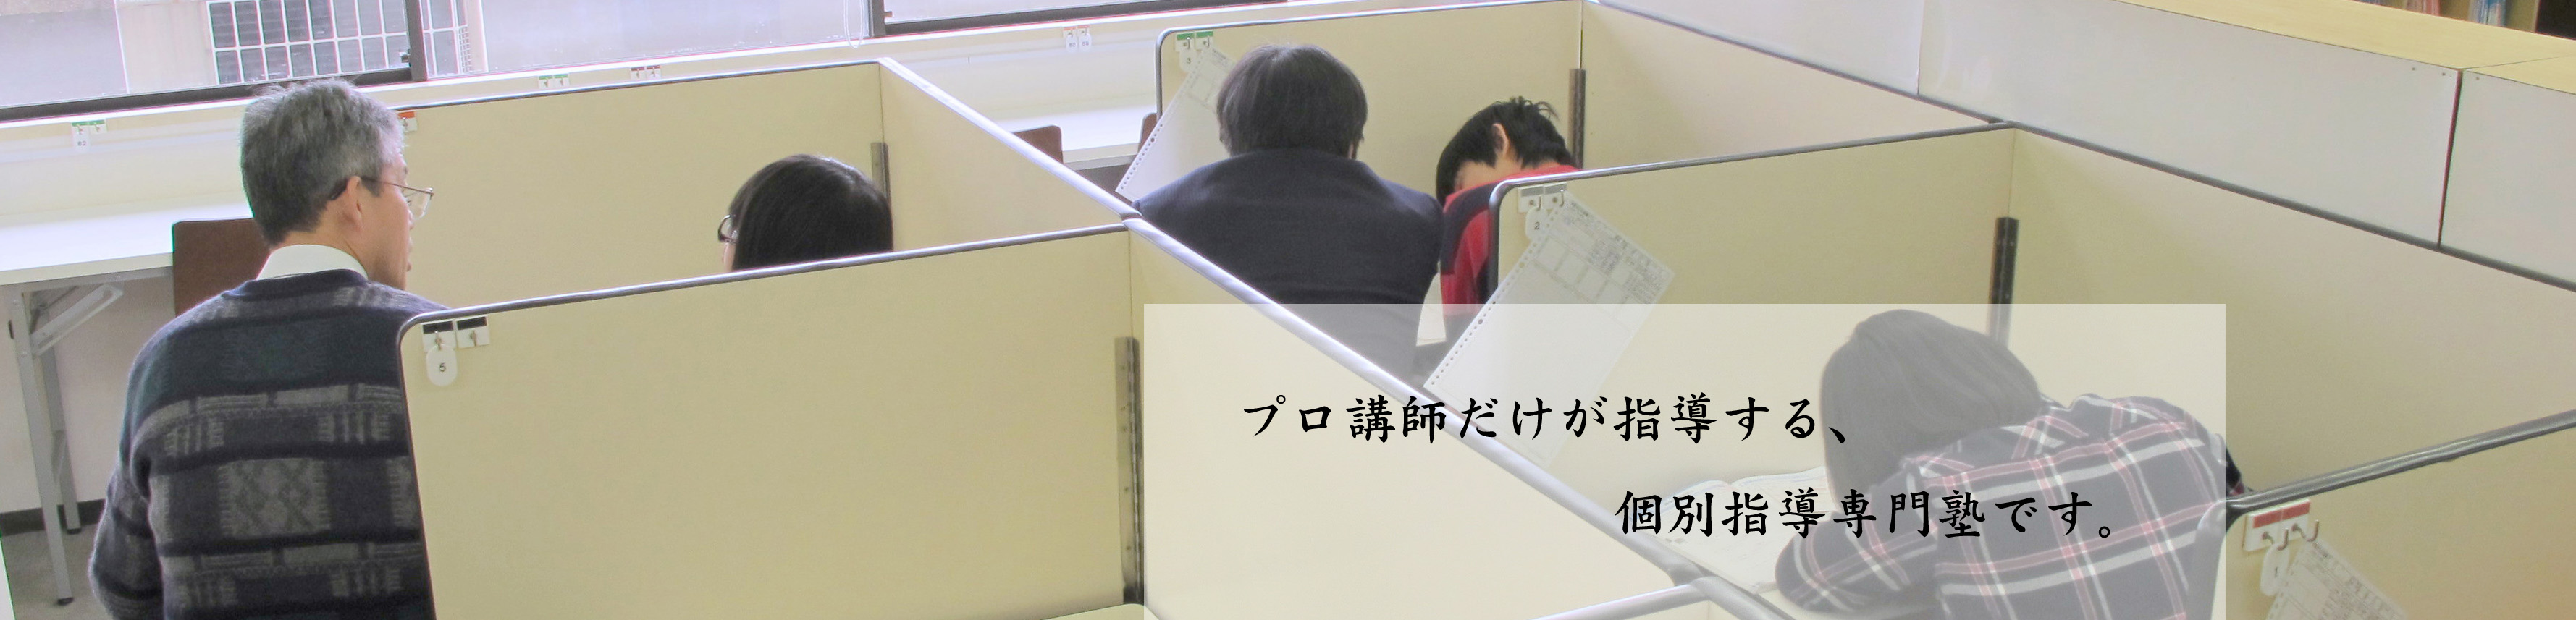 朝日塾個別教室